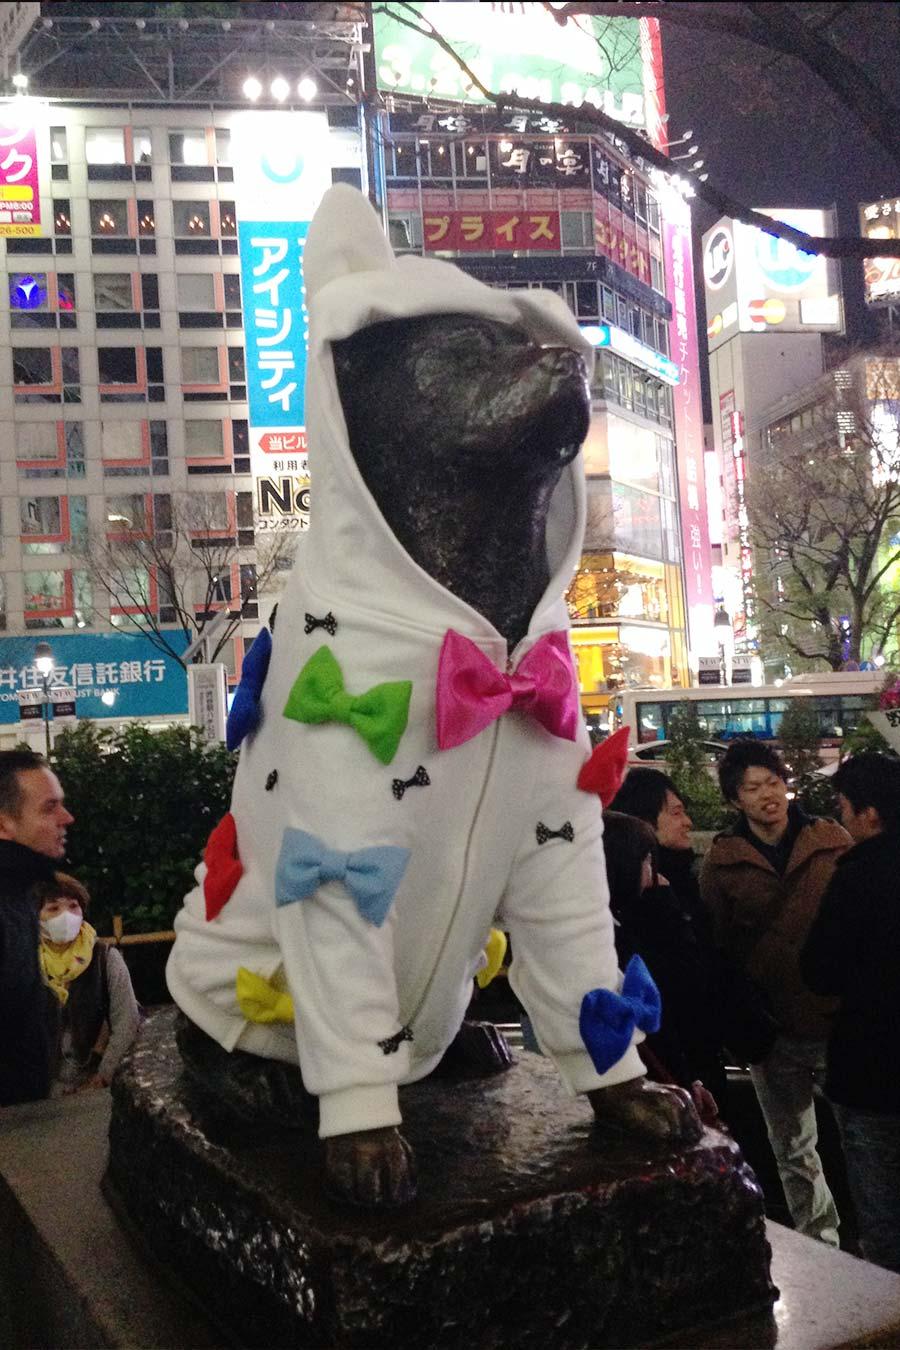 Estátua do Hachiko com roupinha pra uma ação promocional da semana de moda de Tóquio